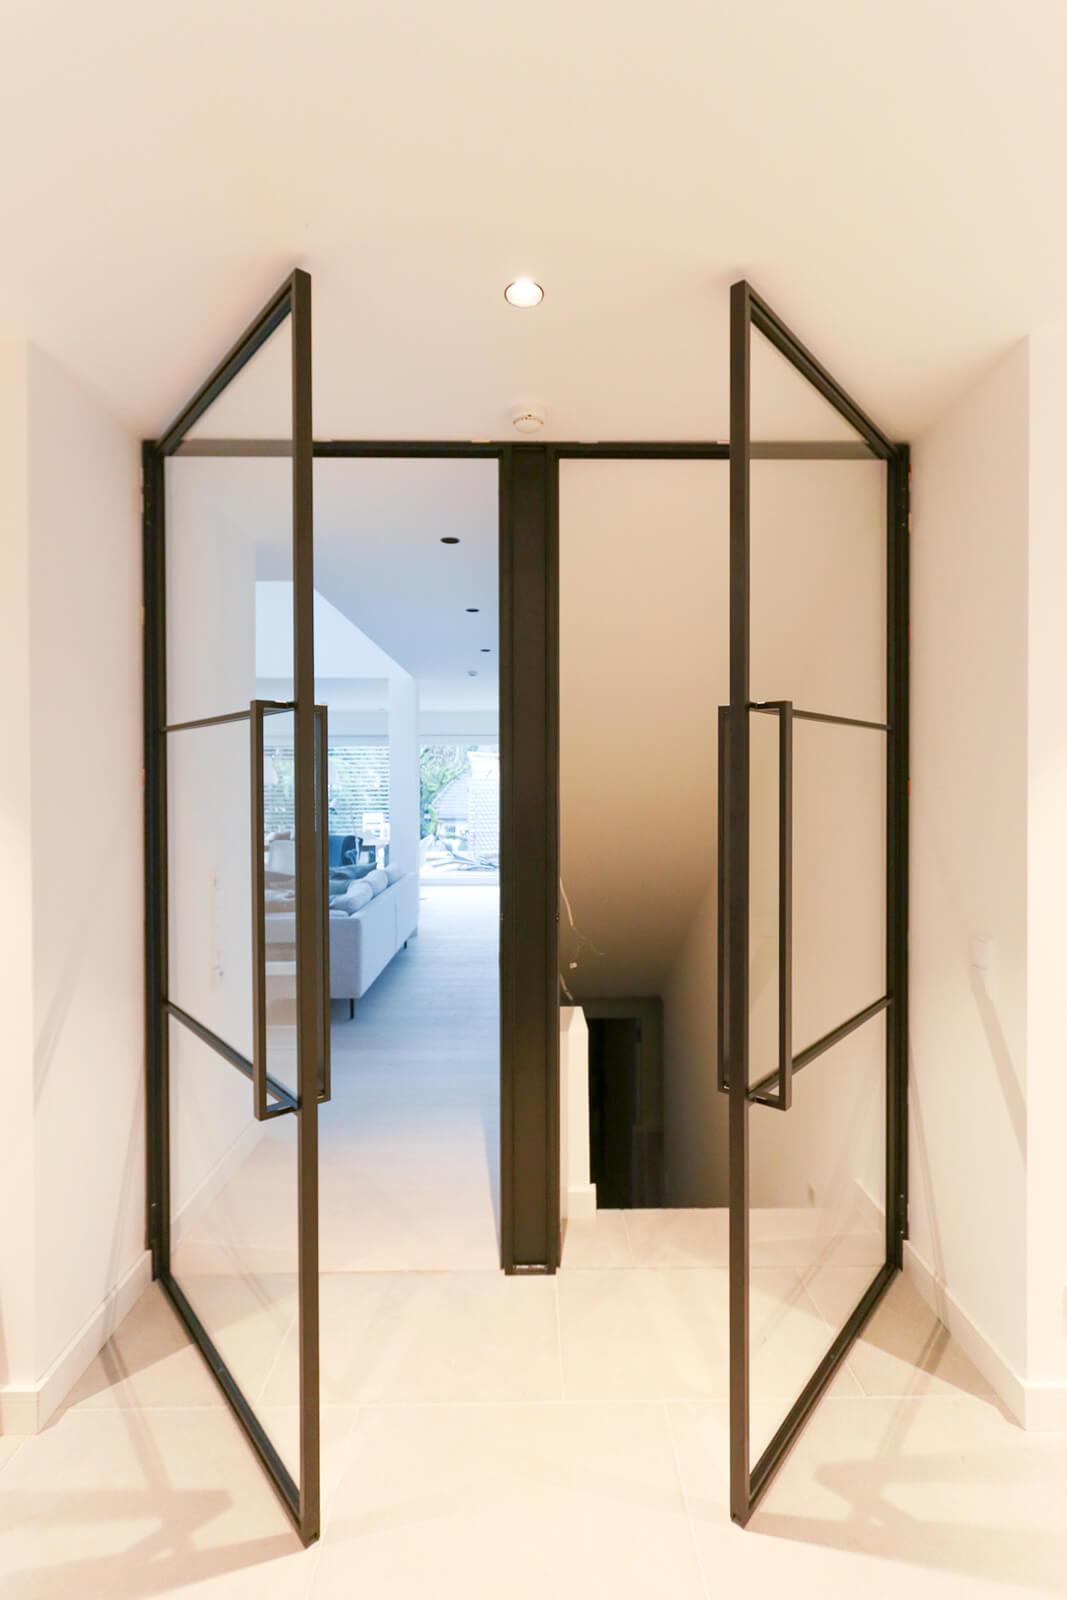 N51E12 Stahl Loft Tür, Drehtür, Doppeltür, Glastür, Stahltür, Stahlrahmen, Windfang, Raumtrenner, Industrial Door, Loftdoor, Steeldoor, Designtür, Glastür, Bauhaustür, Bauhaus Design